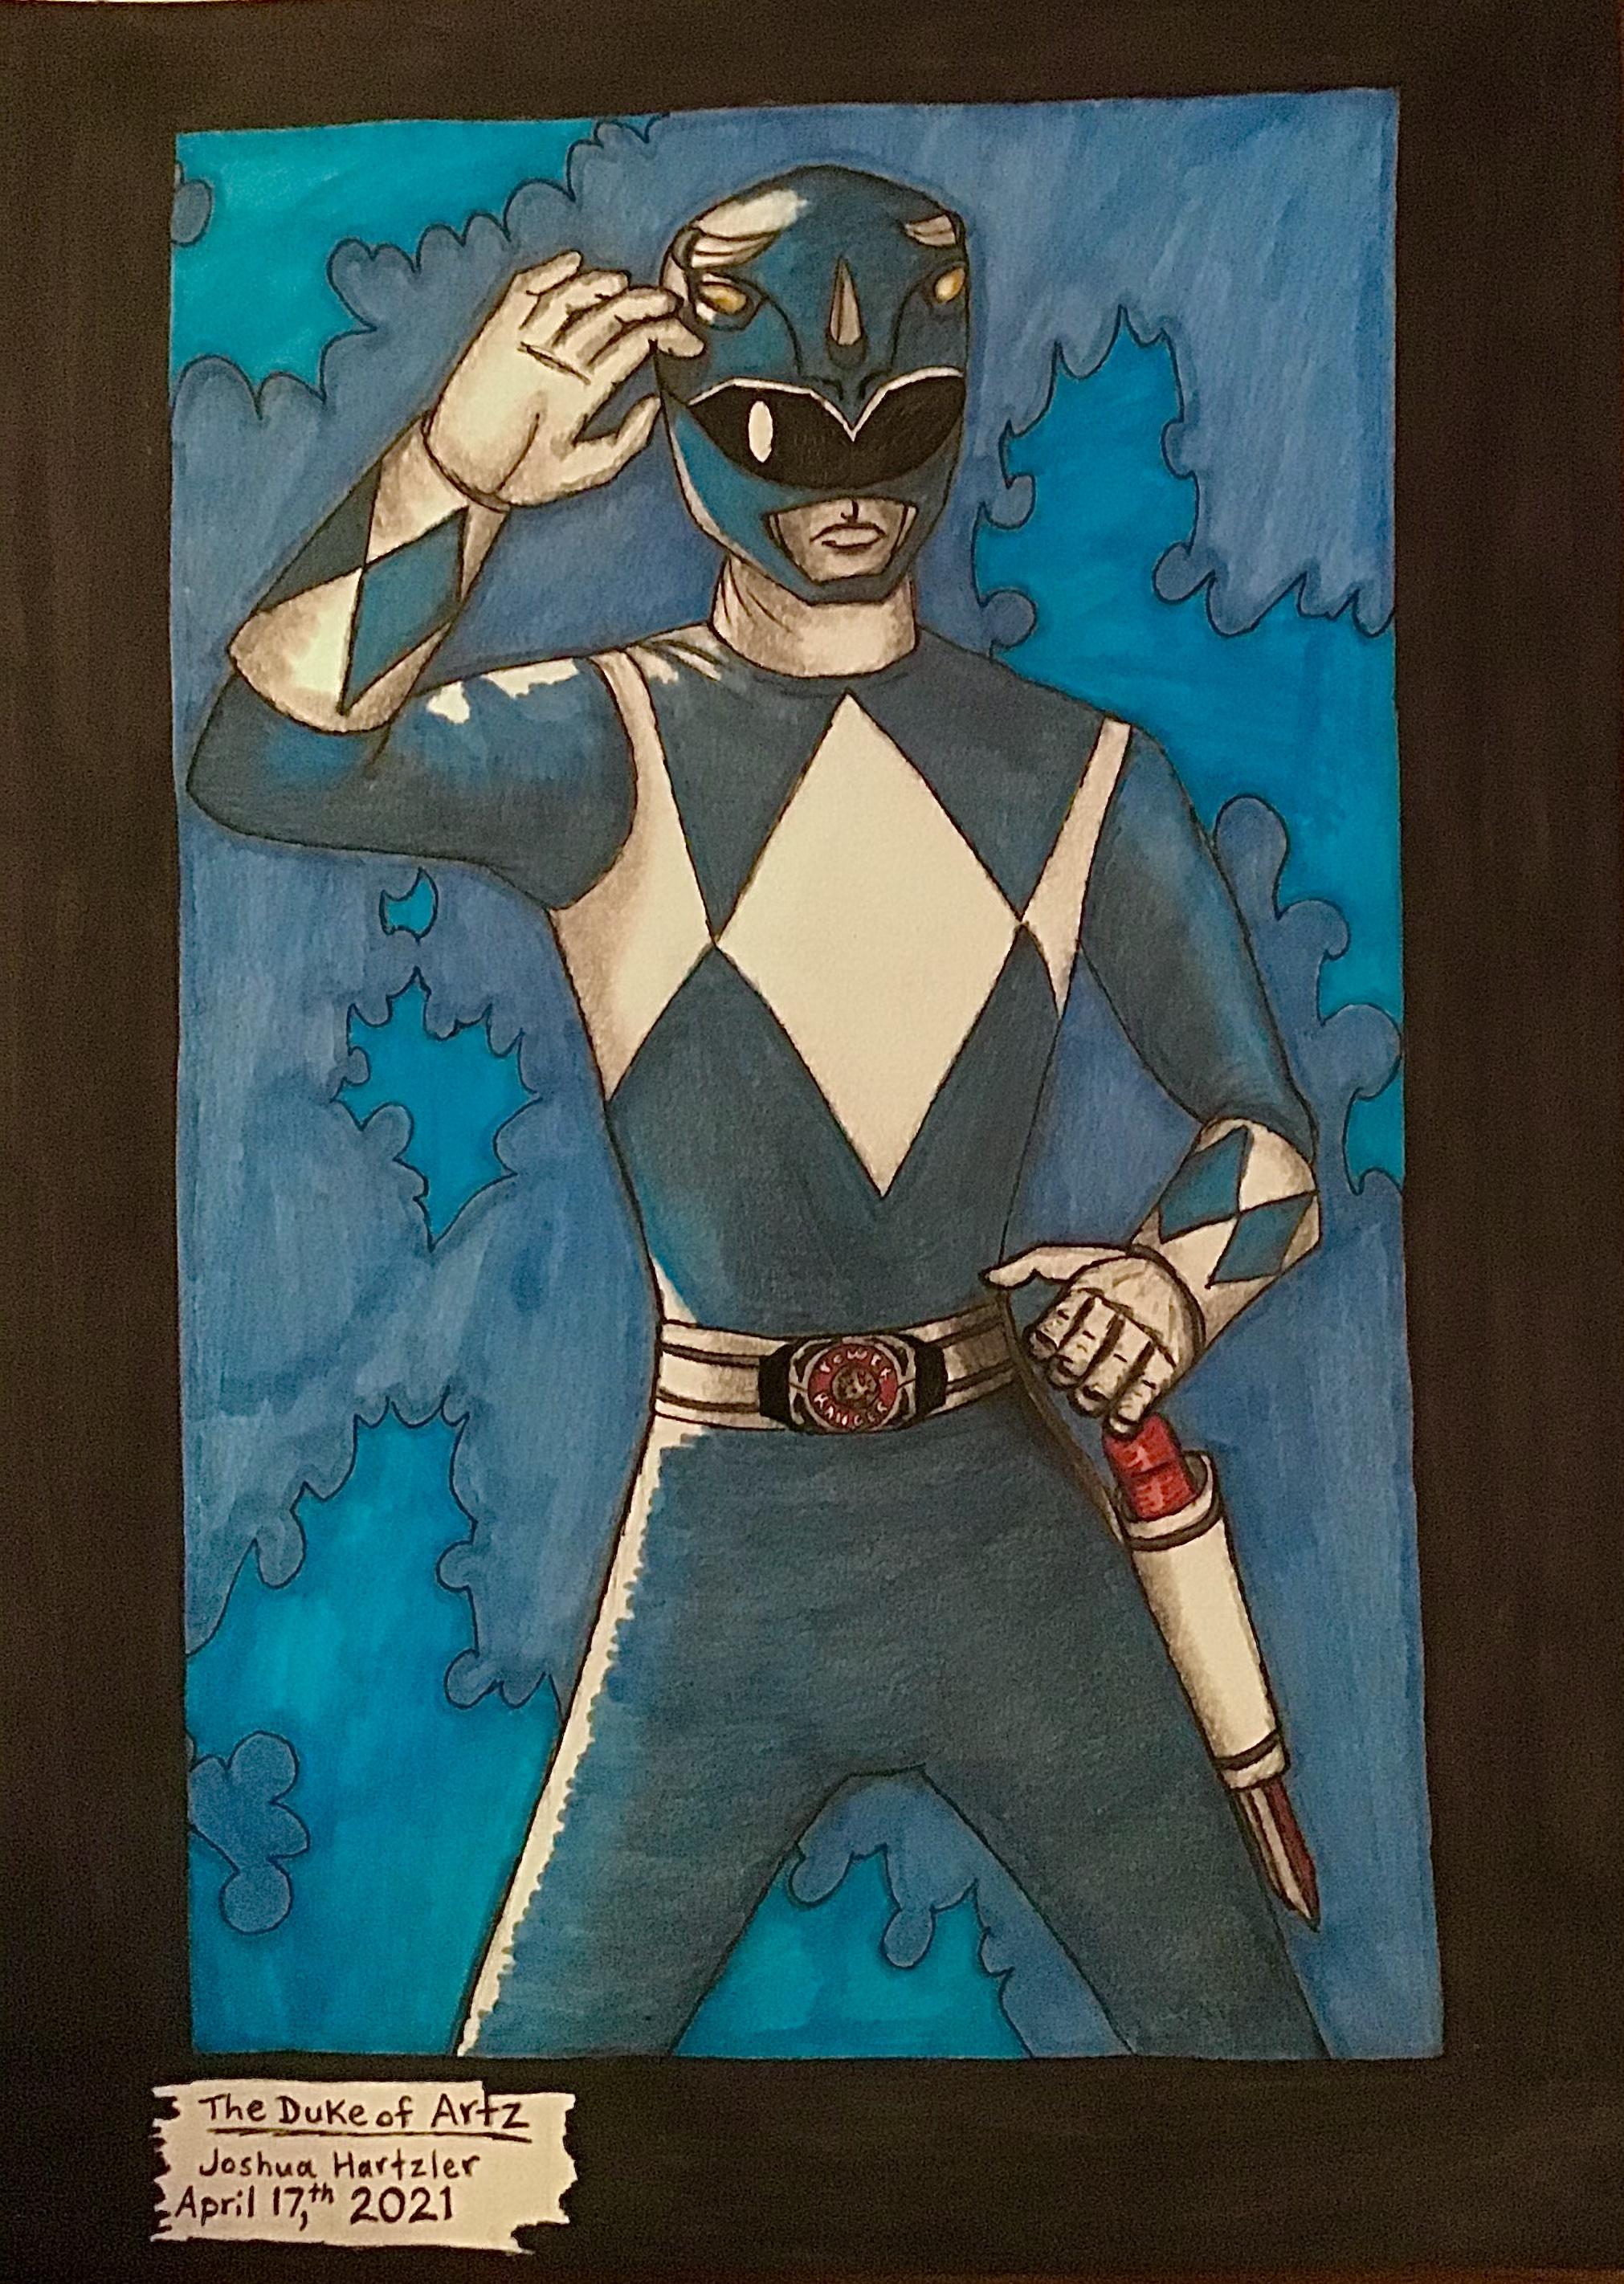 The Blue Ranger